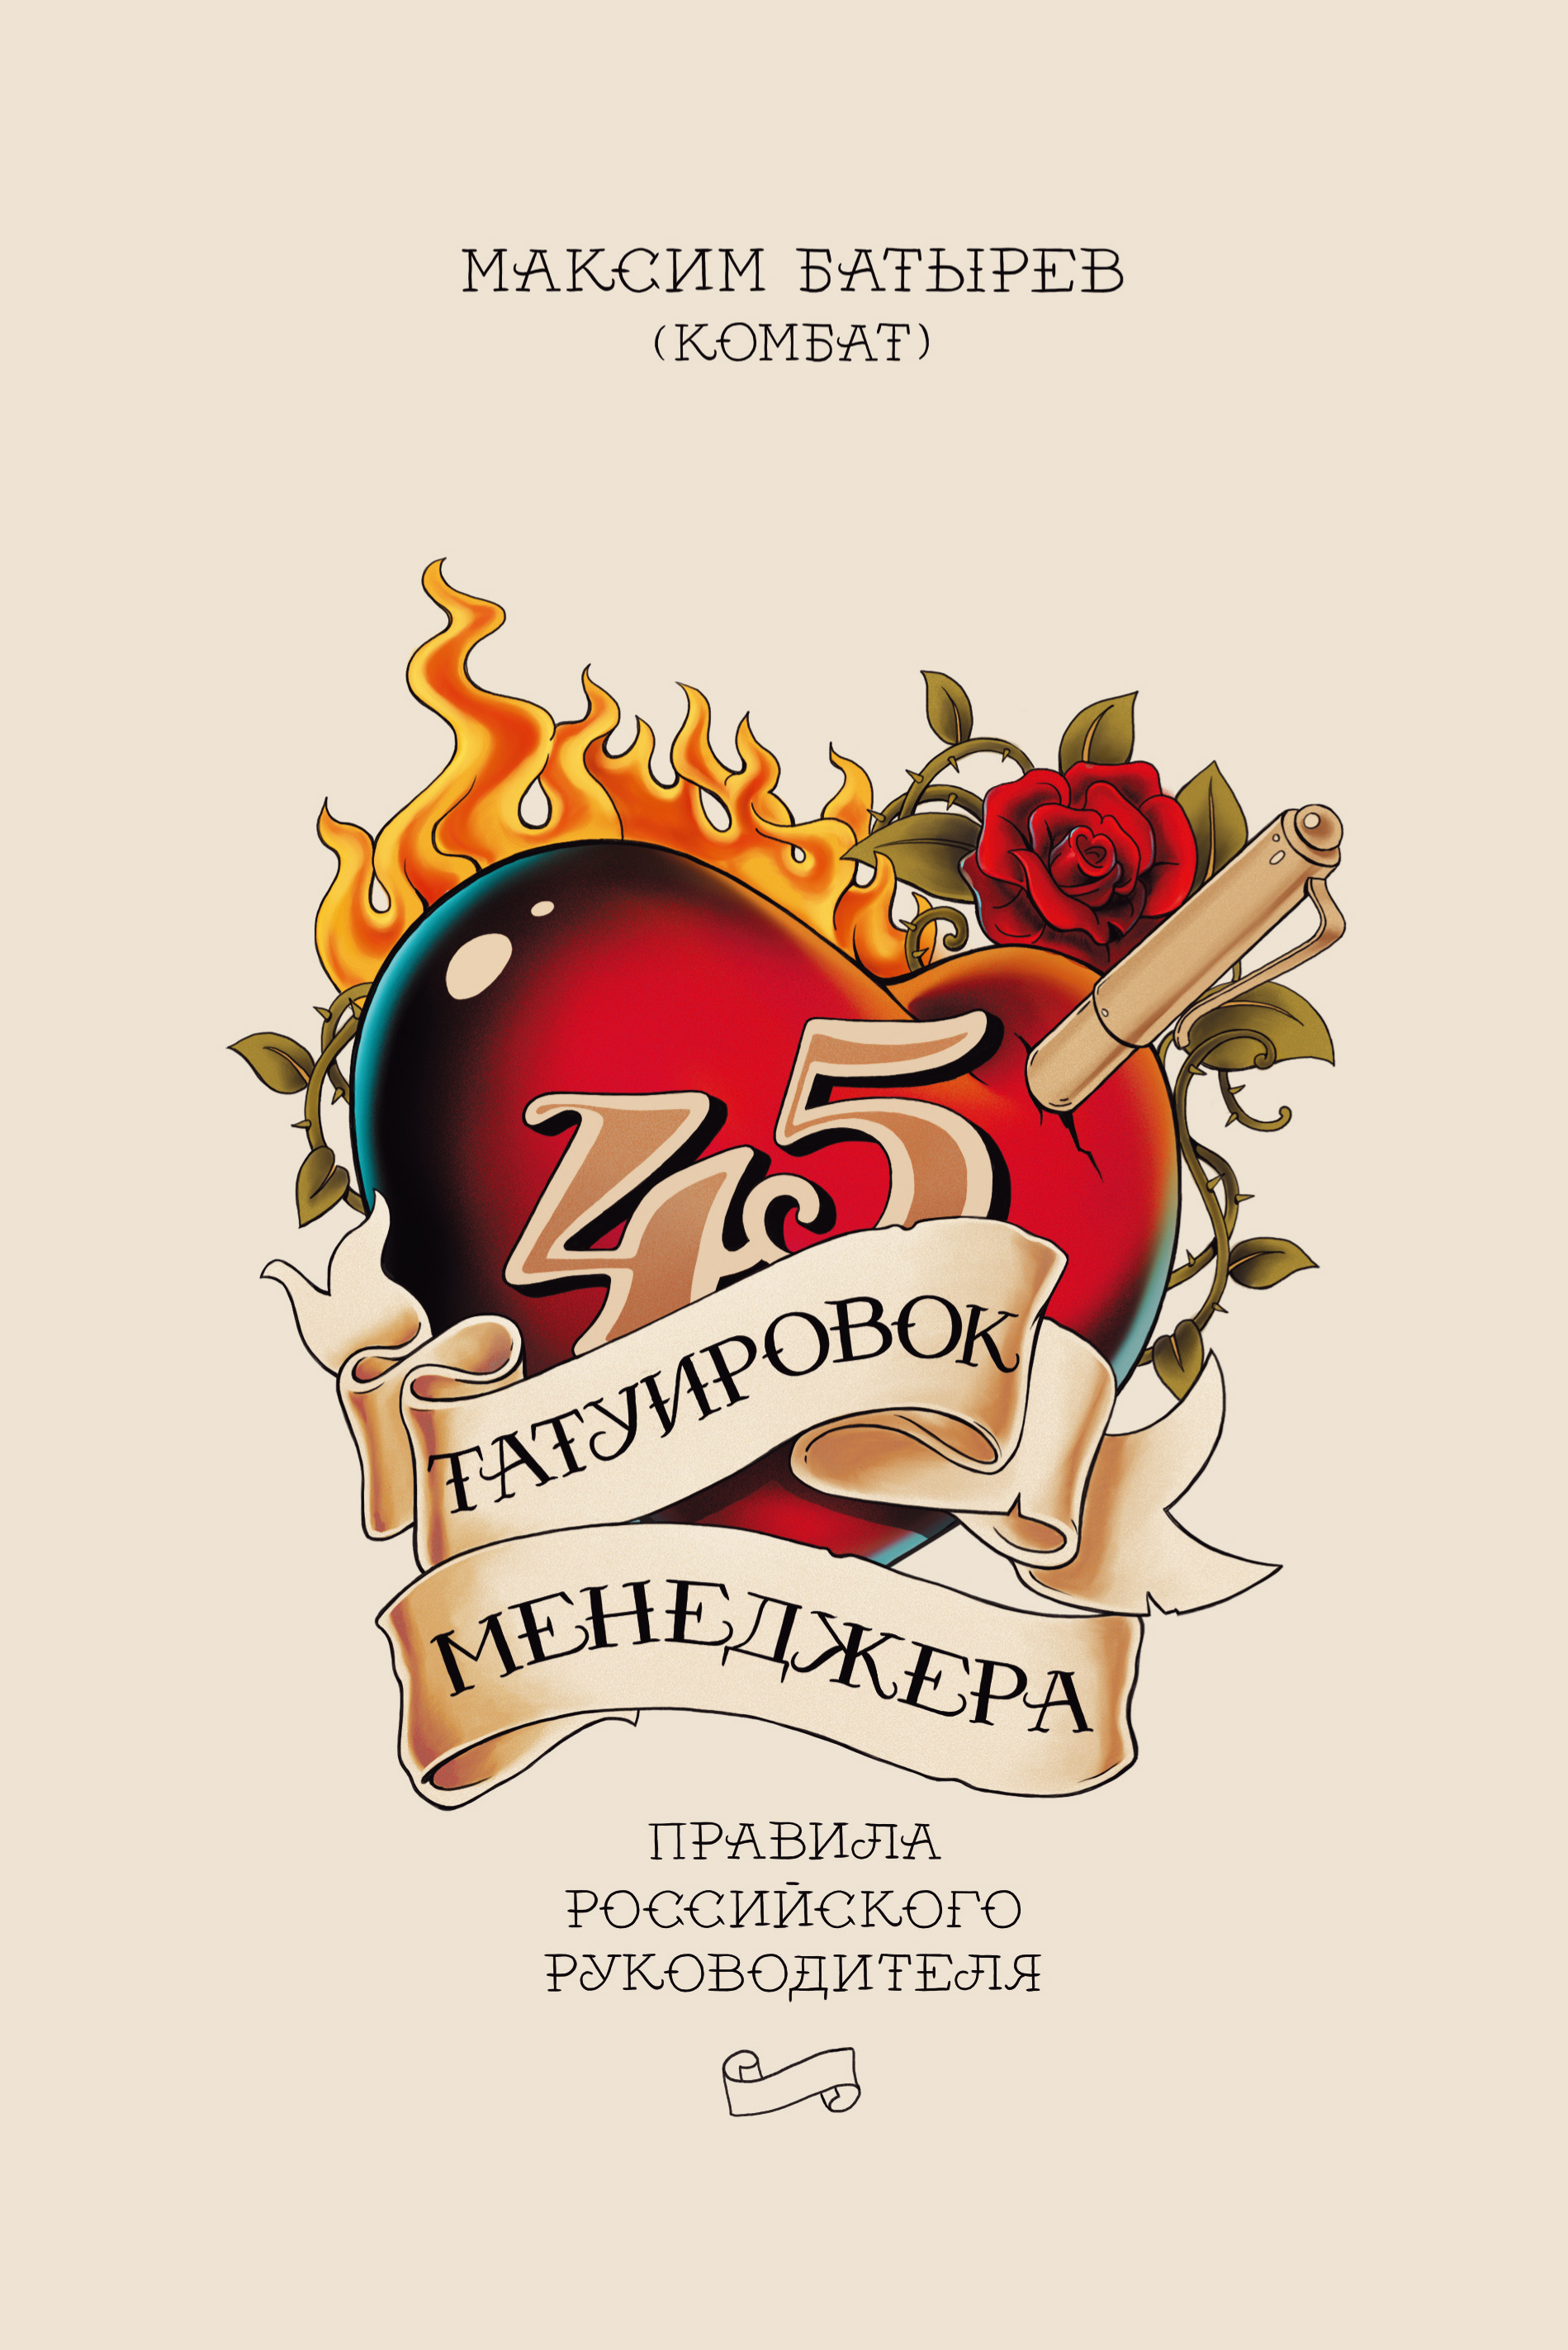 Графический роман 45 татуировок менеджера, Правила российского руководителя